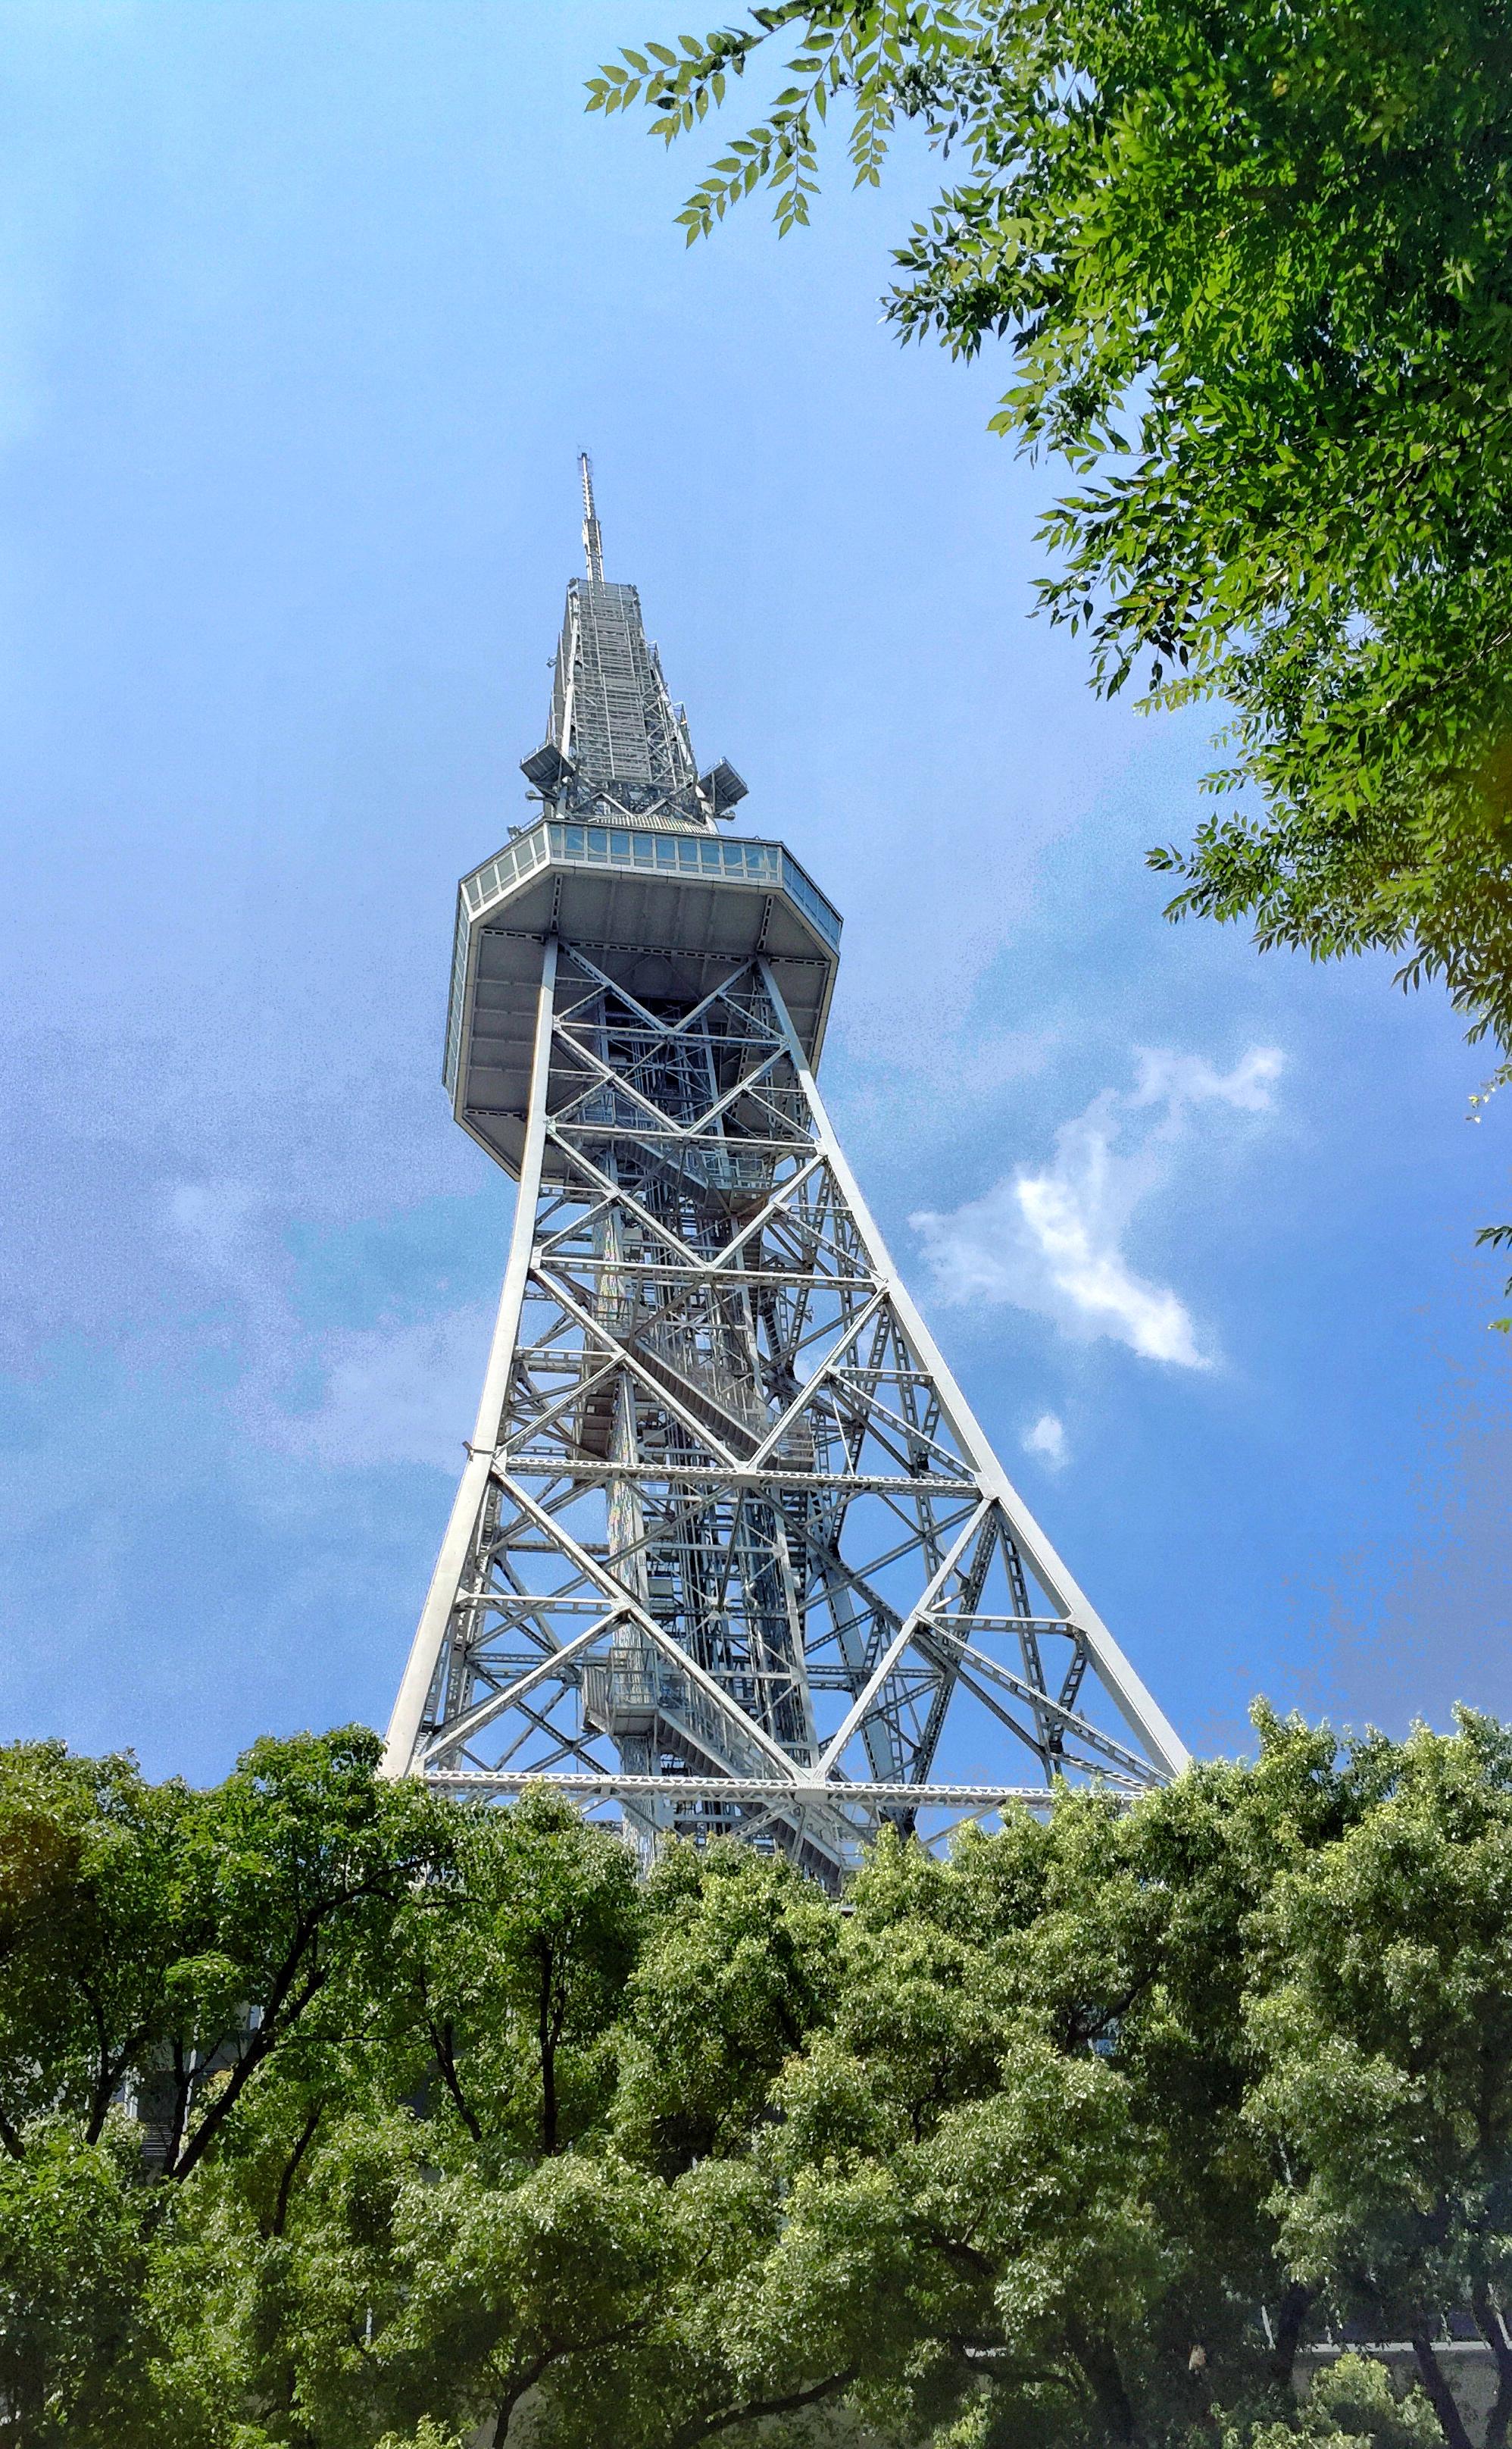 Nagoya TV-Antenna